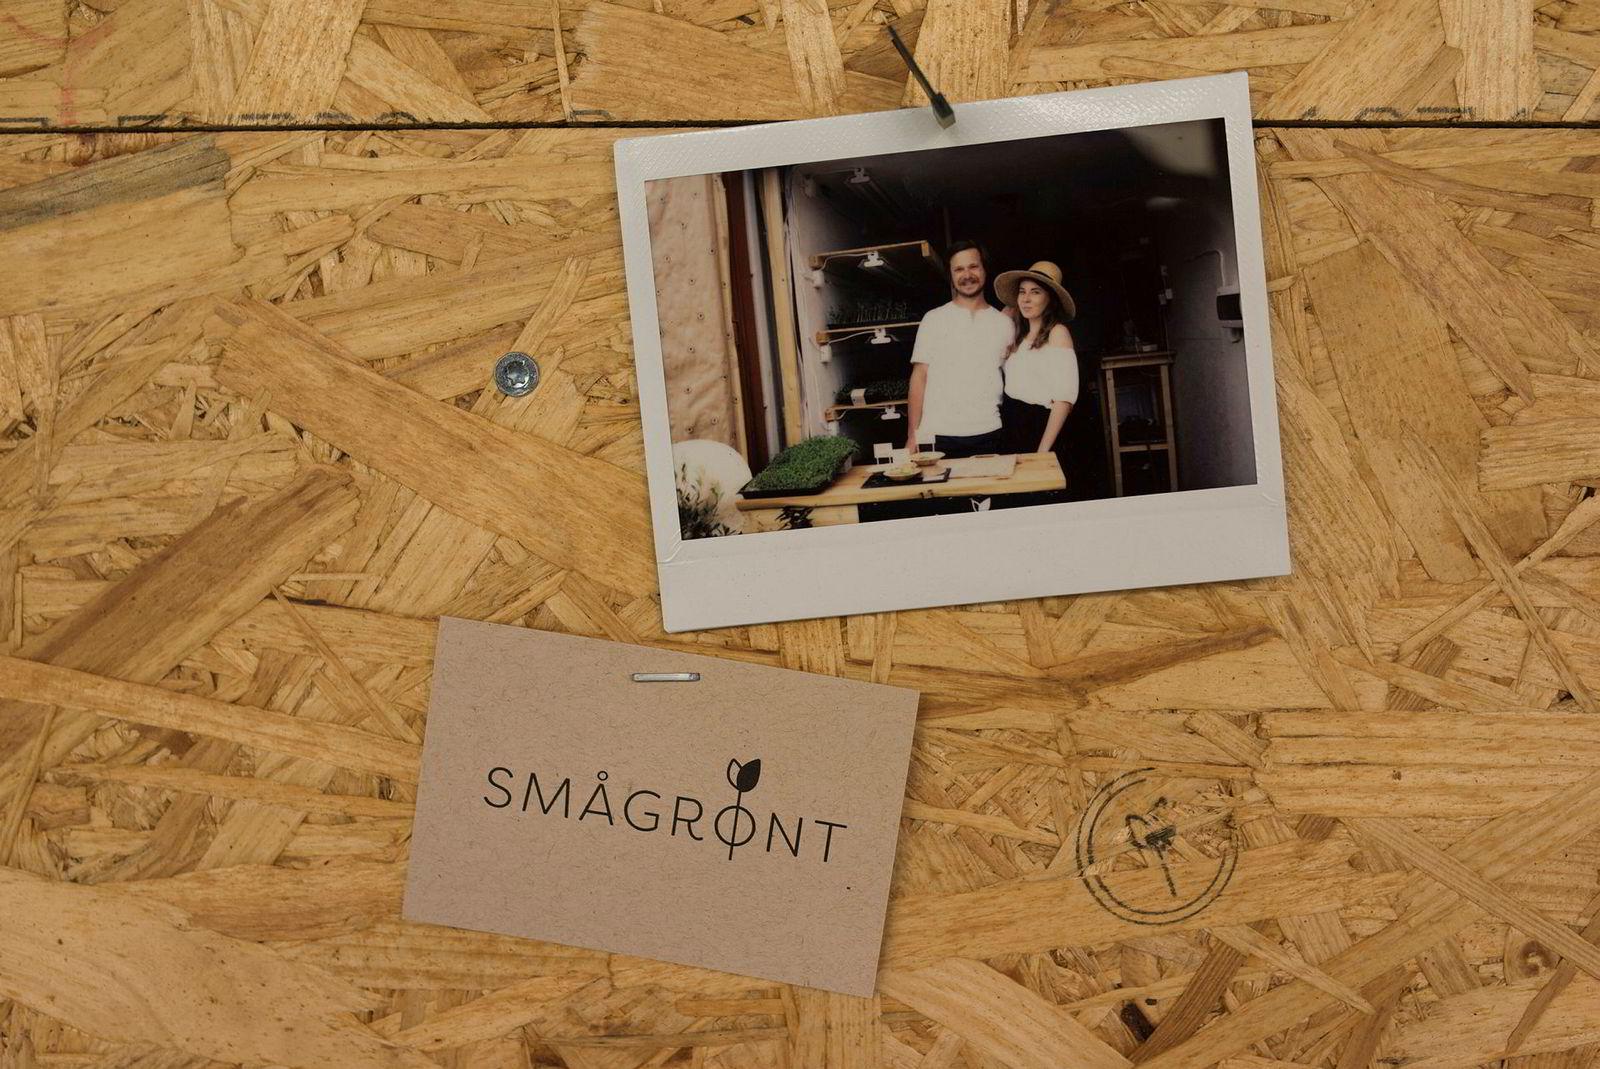 Bilder fra oppstarten pryder oppslagstavlen hos oppstartsbedriften Smågrønt.